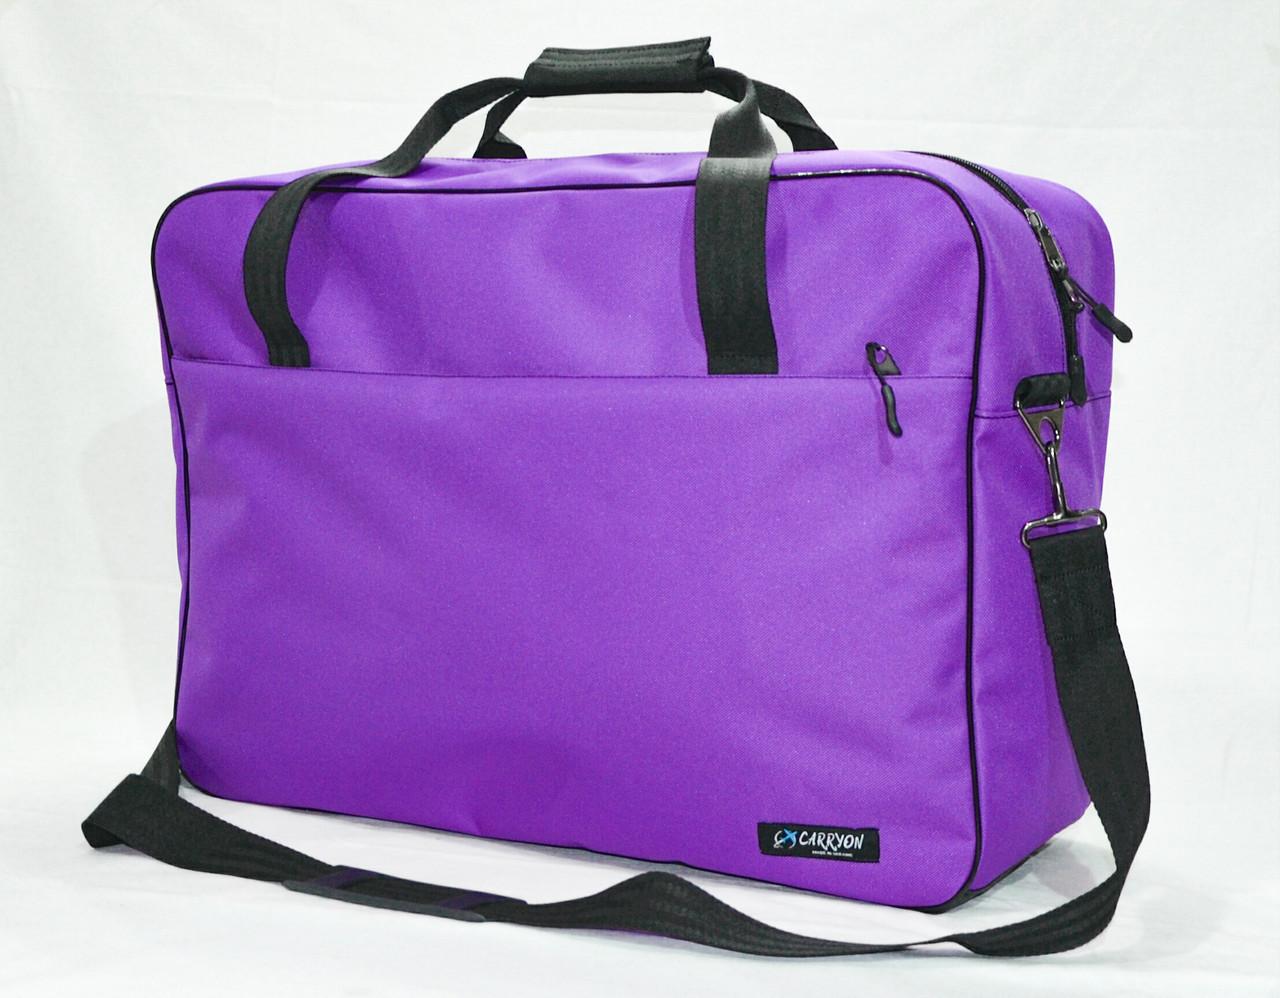 """Сумка для ручной клади """"CARRYON"""" под МАУ 55 x 40 x 20, фиолетовая"""